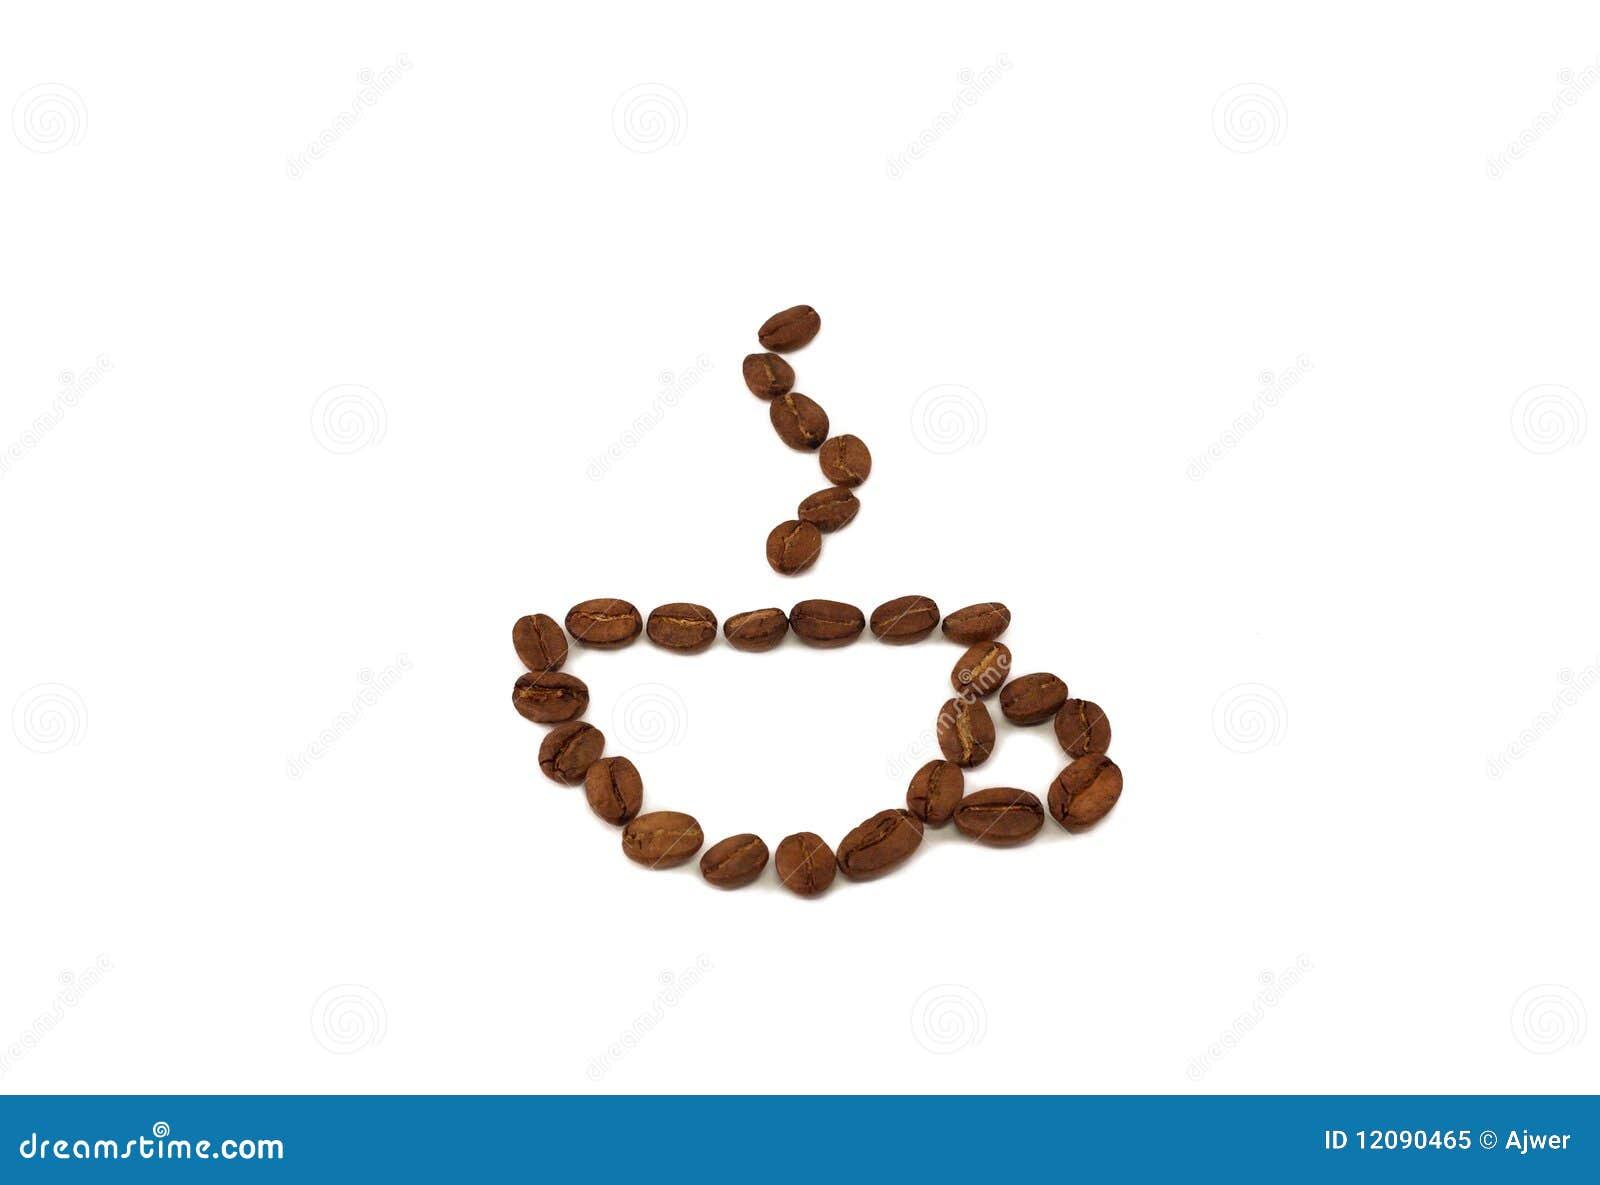 豆咖啡杯表单